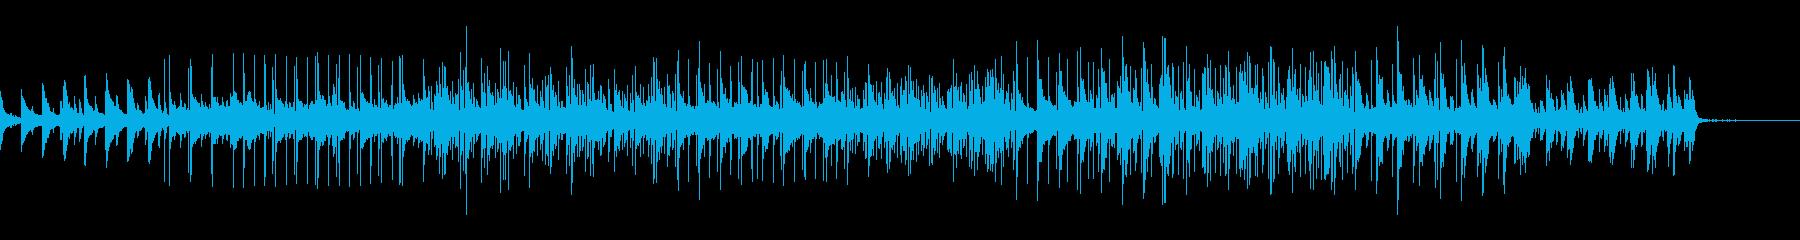 【Lofi/Chill】おしゃれで優しいの再生済みの波形